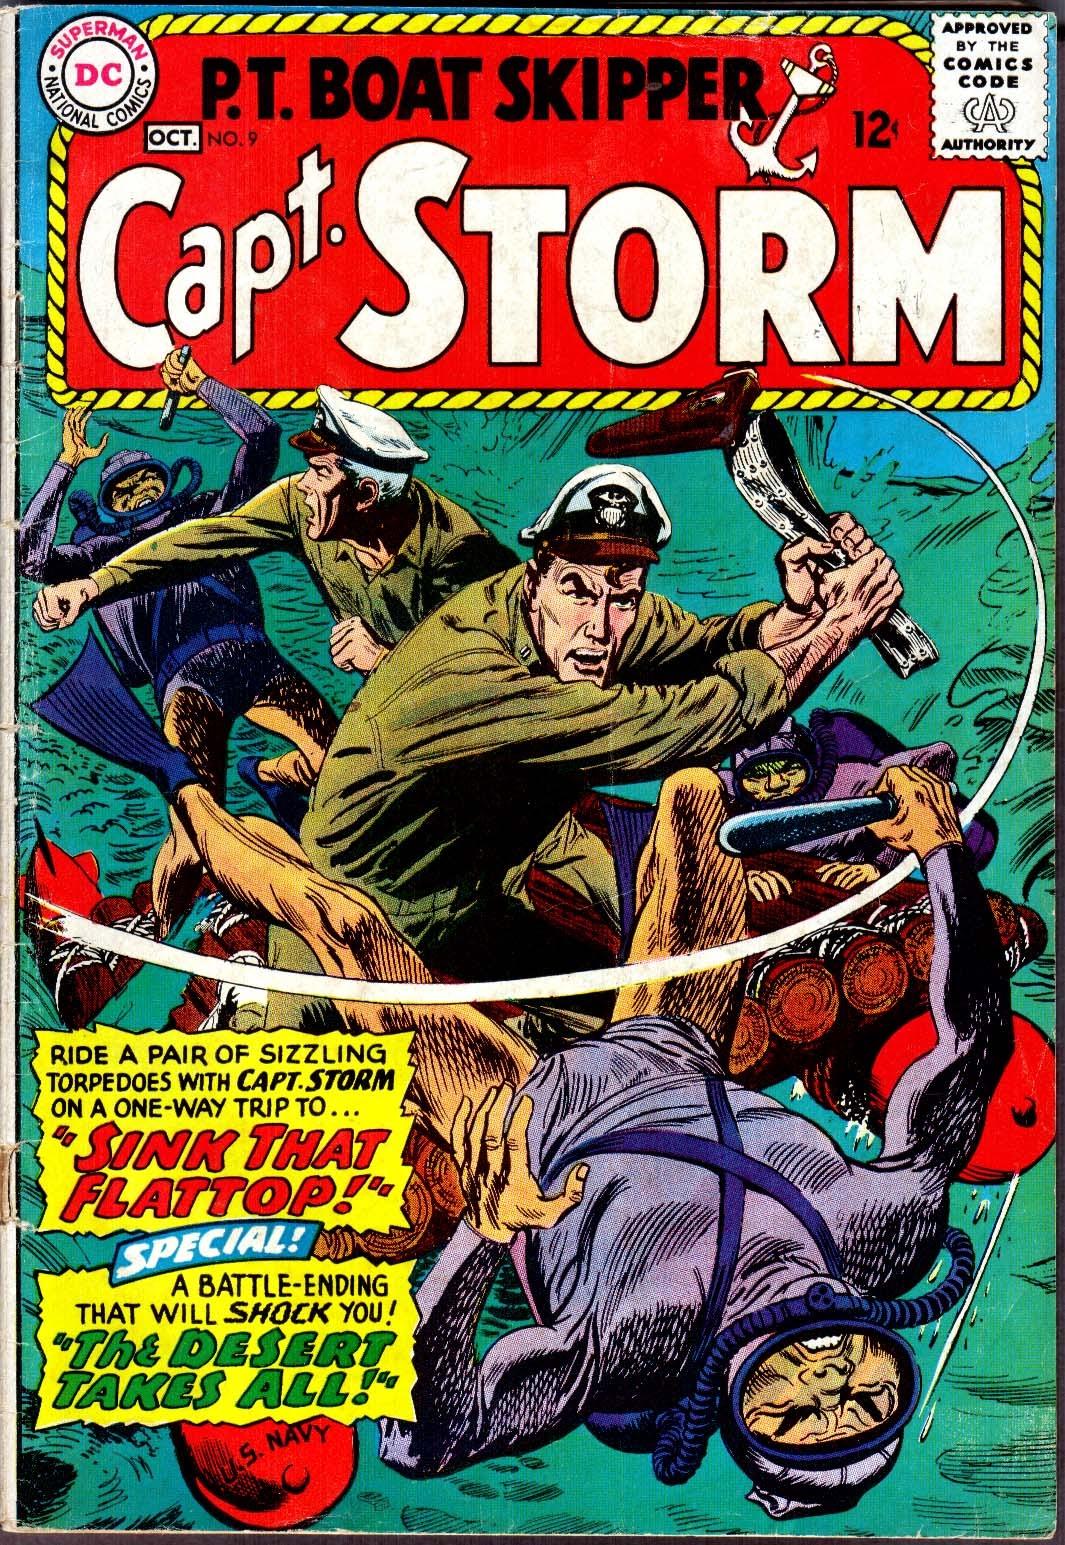 Capt. Storm 9 Page 1